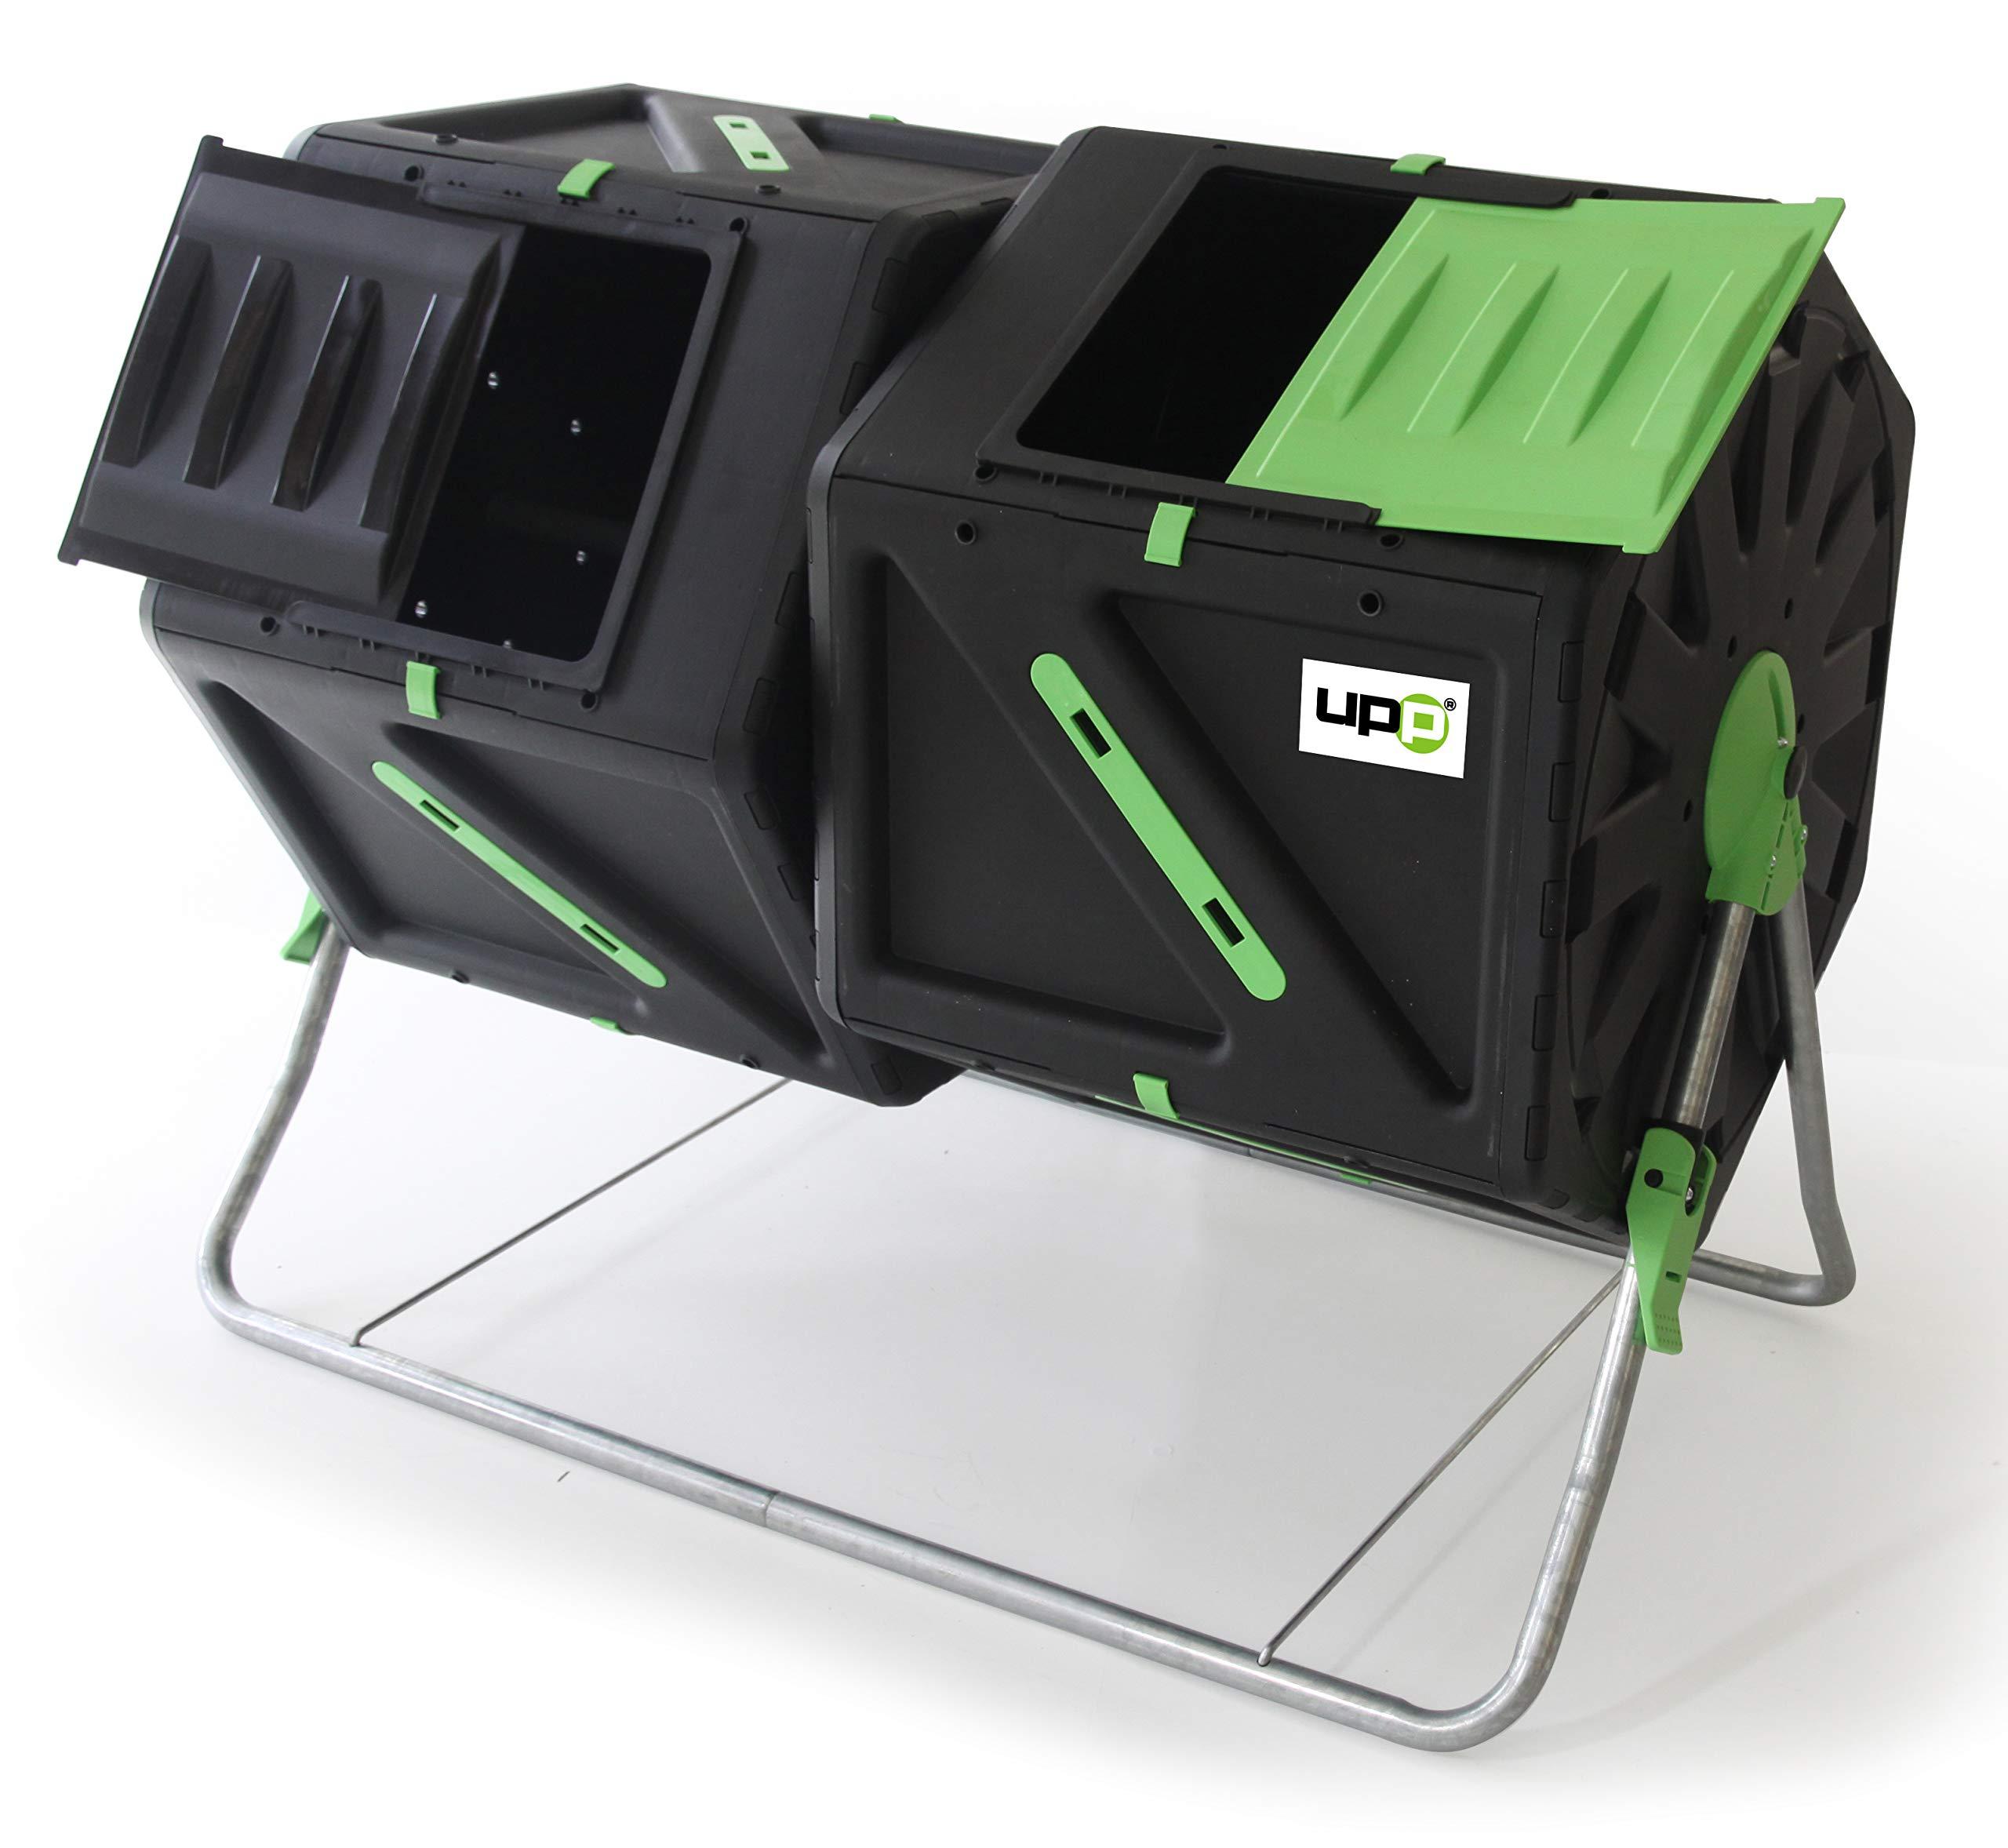 UPP Compostador de Barril, 2 cámaras/Tambores de 105L para jardín o balcón I compostador térmico, ventilación Interna, acelera el compostaje, abono orgánico: Amazon.es: Jardín